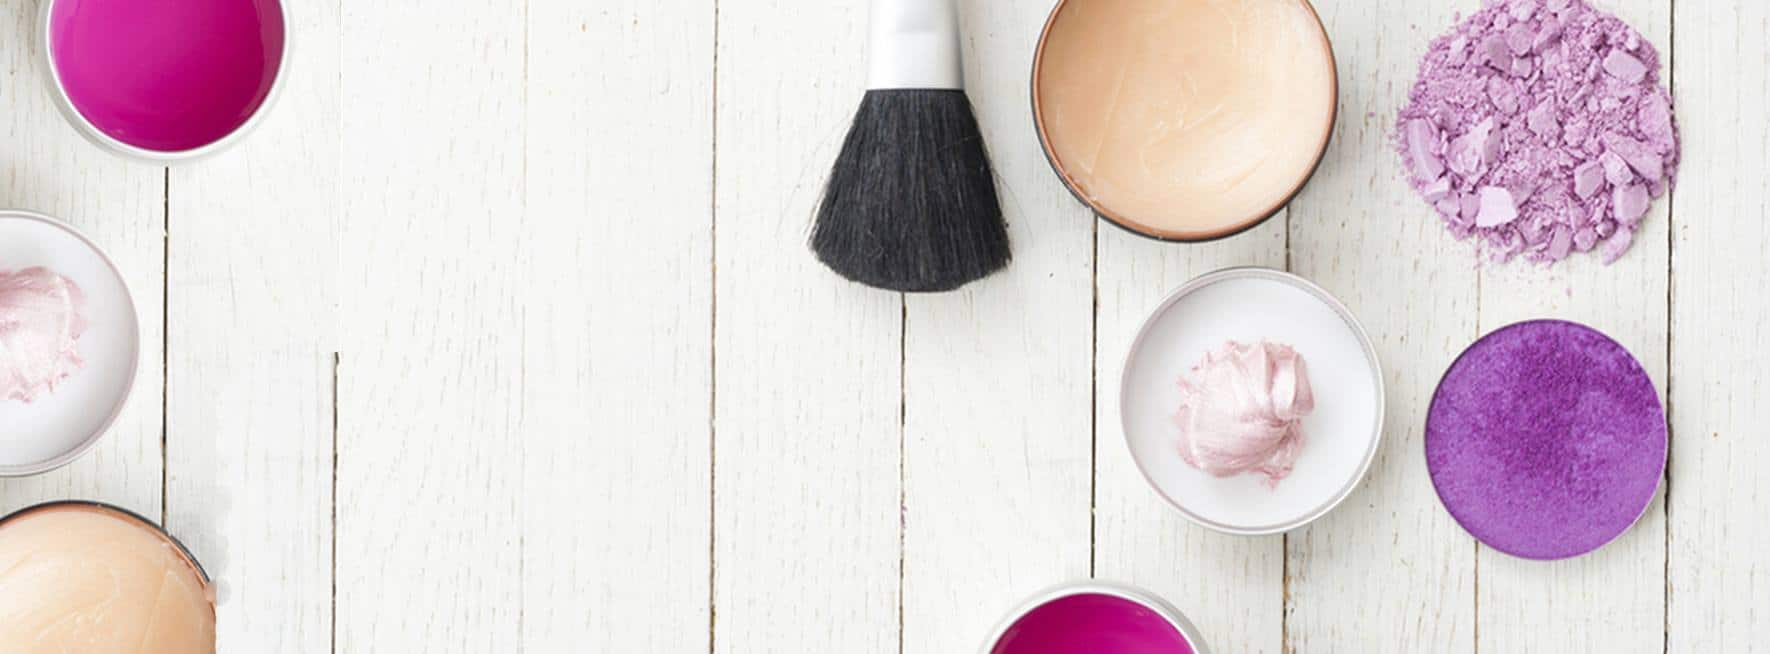 Strawberrynet – Meikkejä ja kosmetiikkaa edullisesti Kiinasta